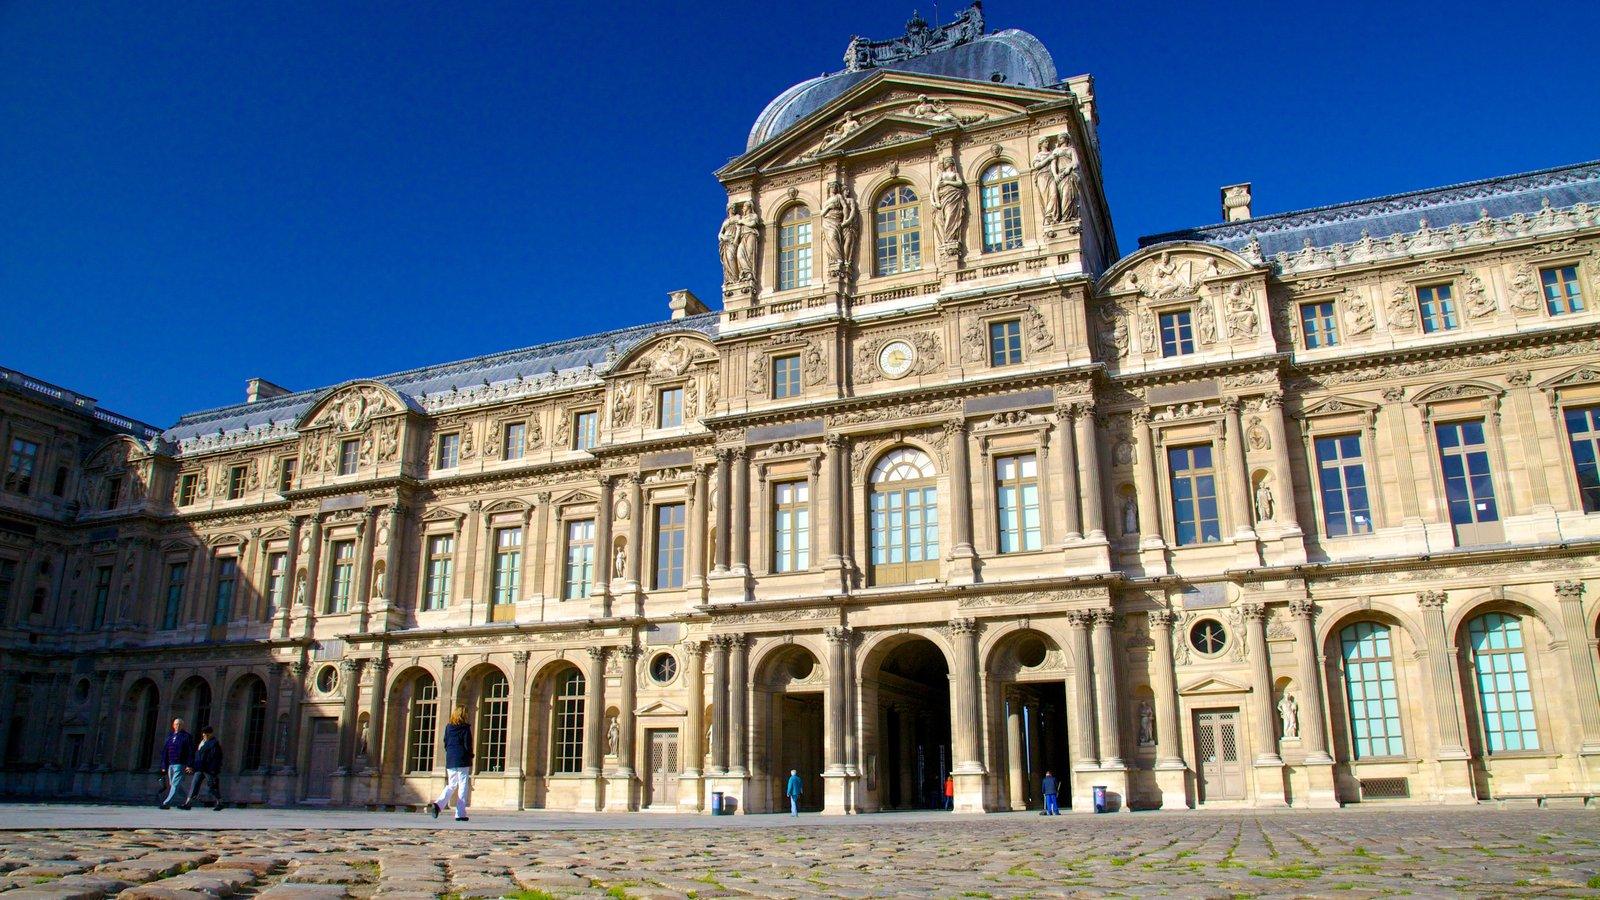 Museu do Louvre mostrando um castelo e arquitetura de patrimônio